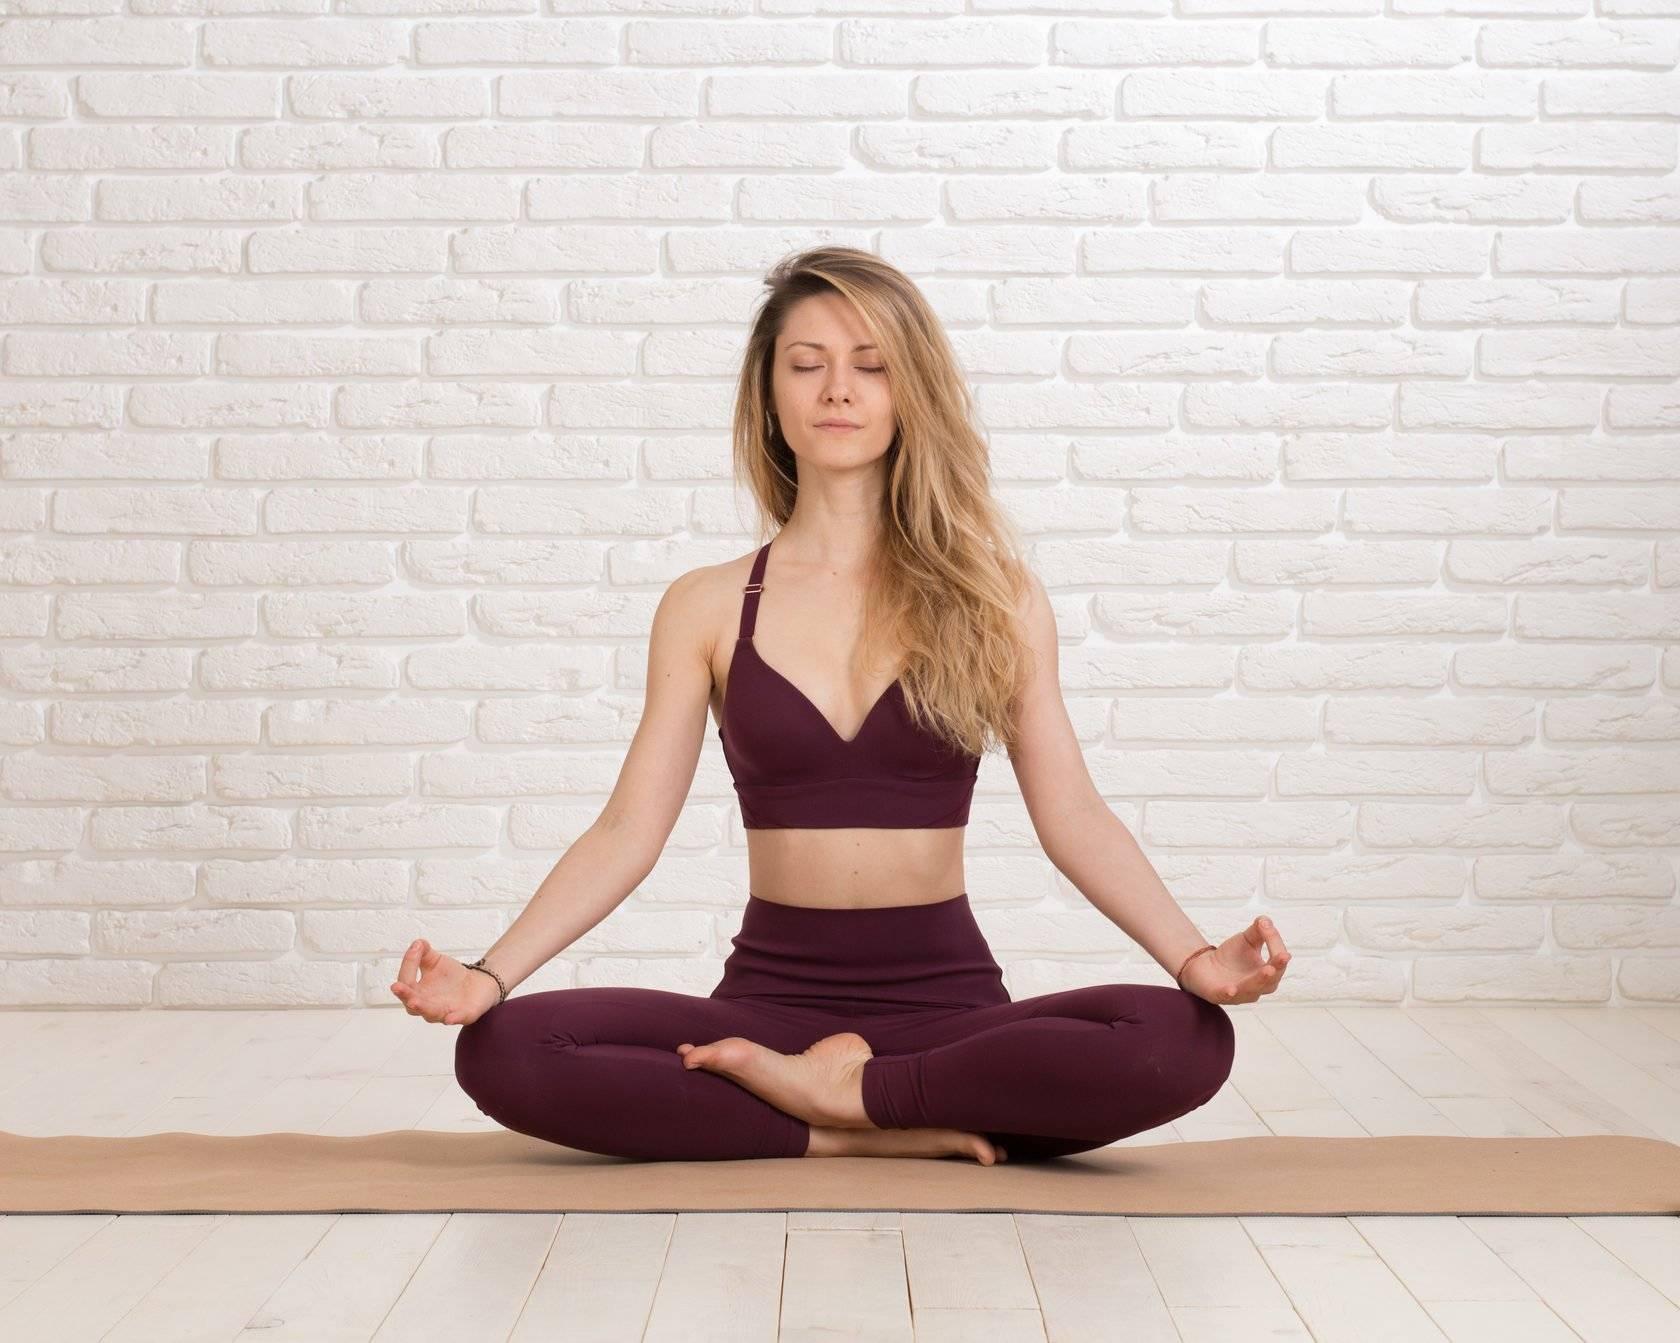 Фейс-йога: эксклюзивный комплекс упражнений